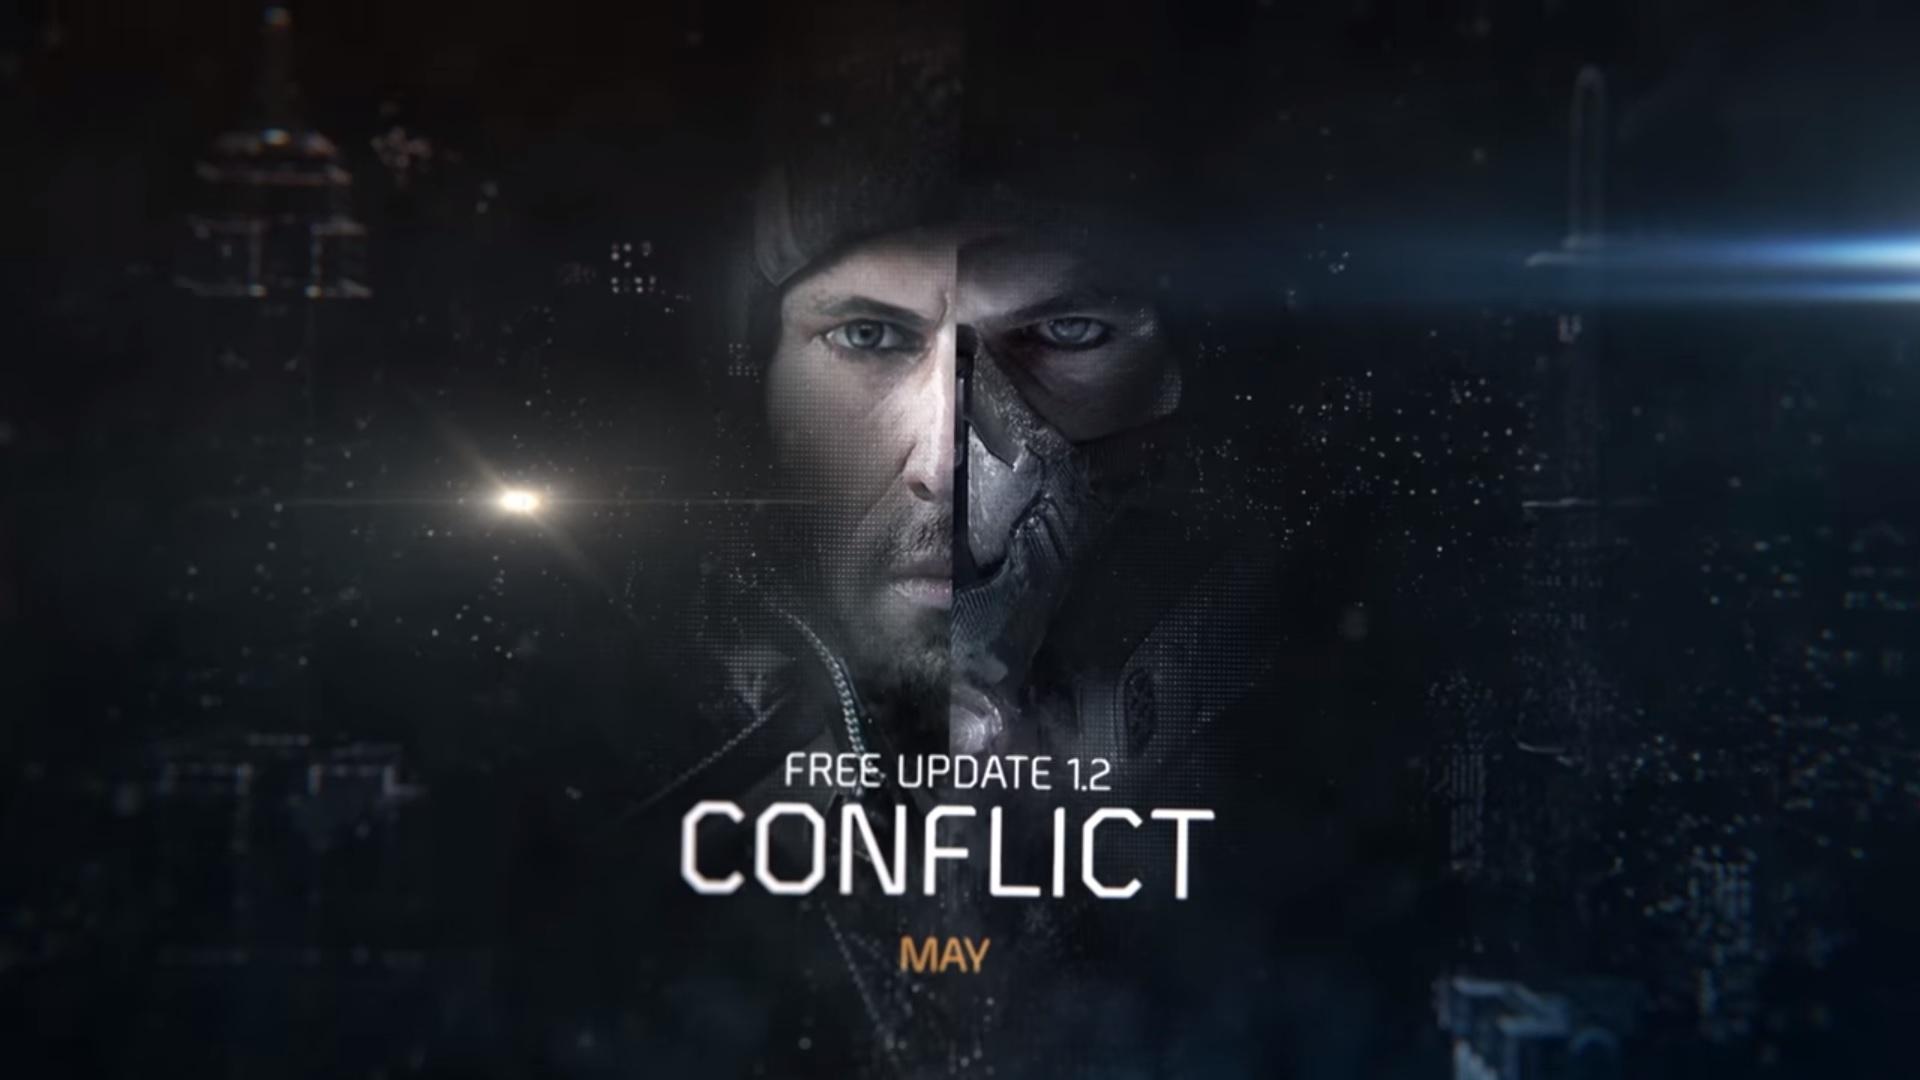 Conflict-1.2-Update